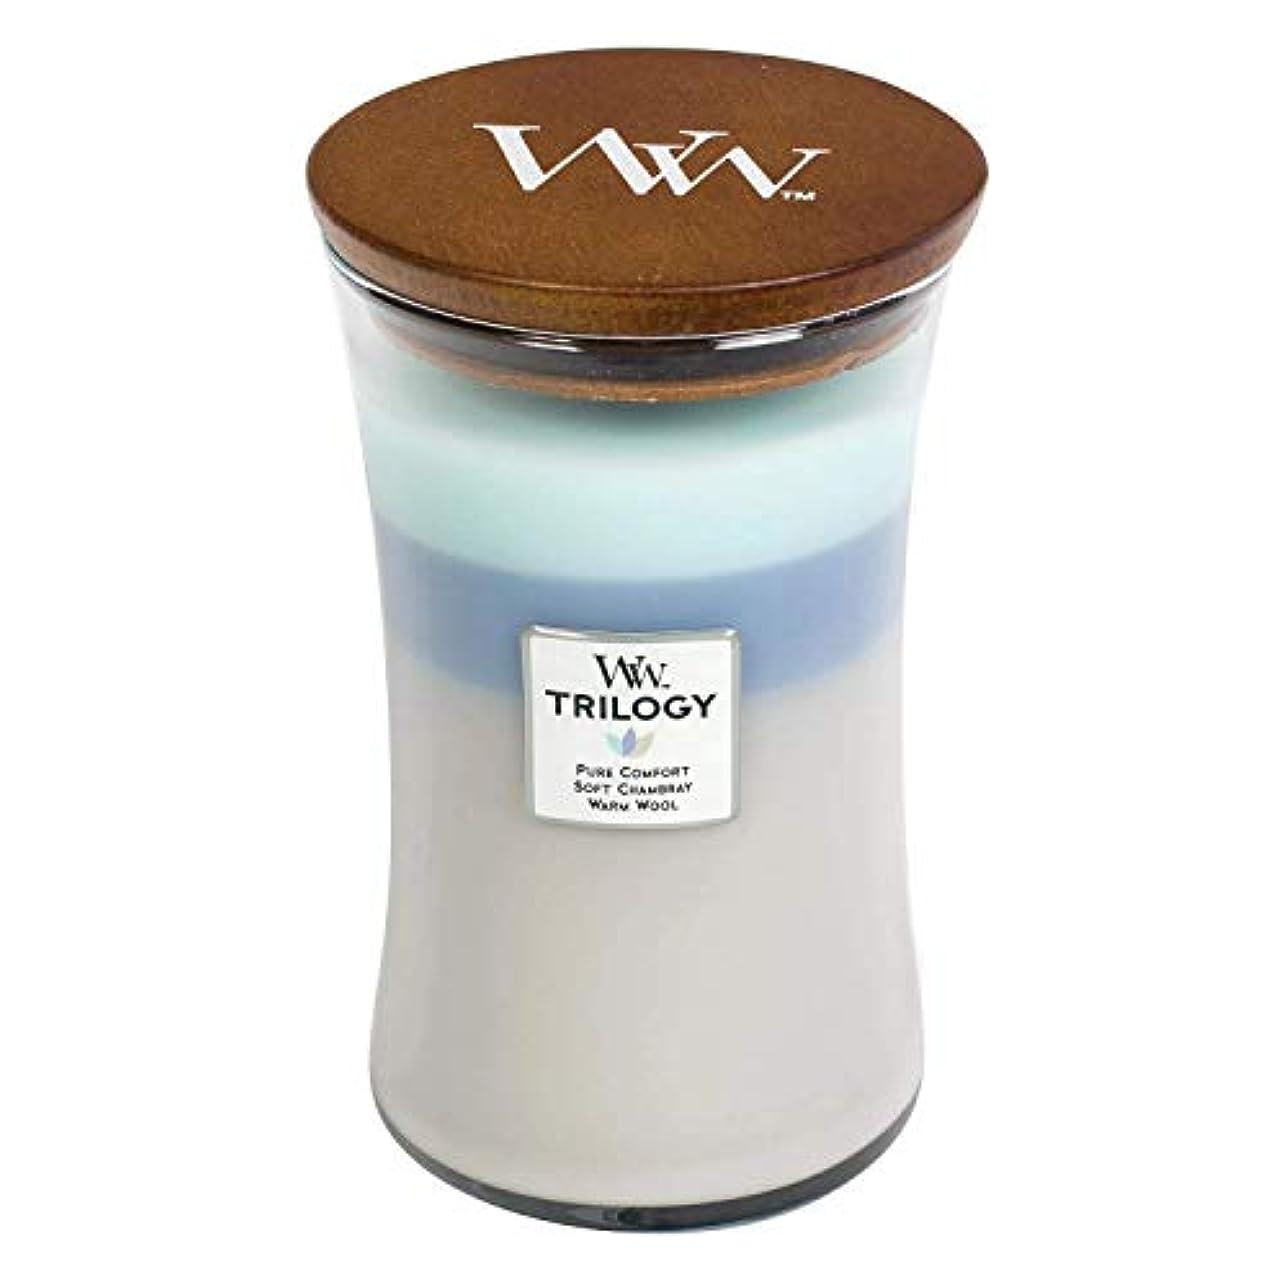 バンドルチロ出席Woven Comforts WoodWick Trilogy 22オンス香りつきJarキャンドル – 3 in 1つ